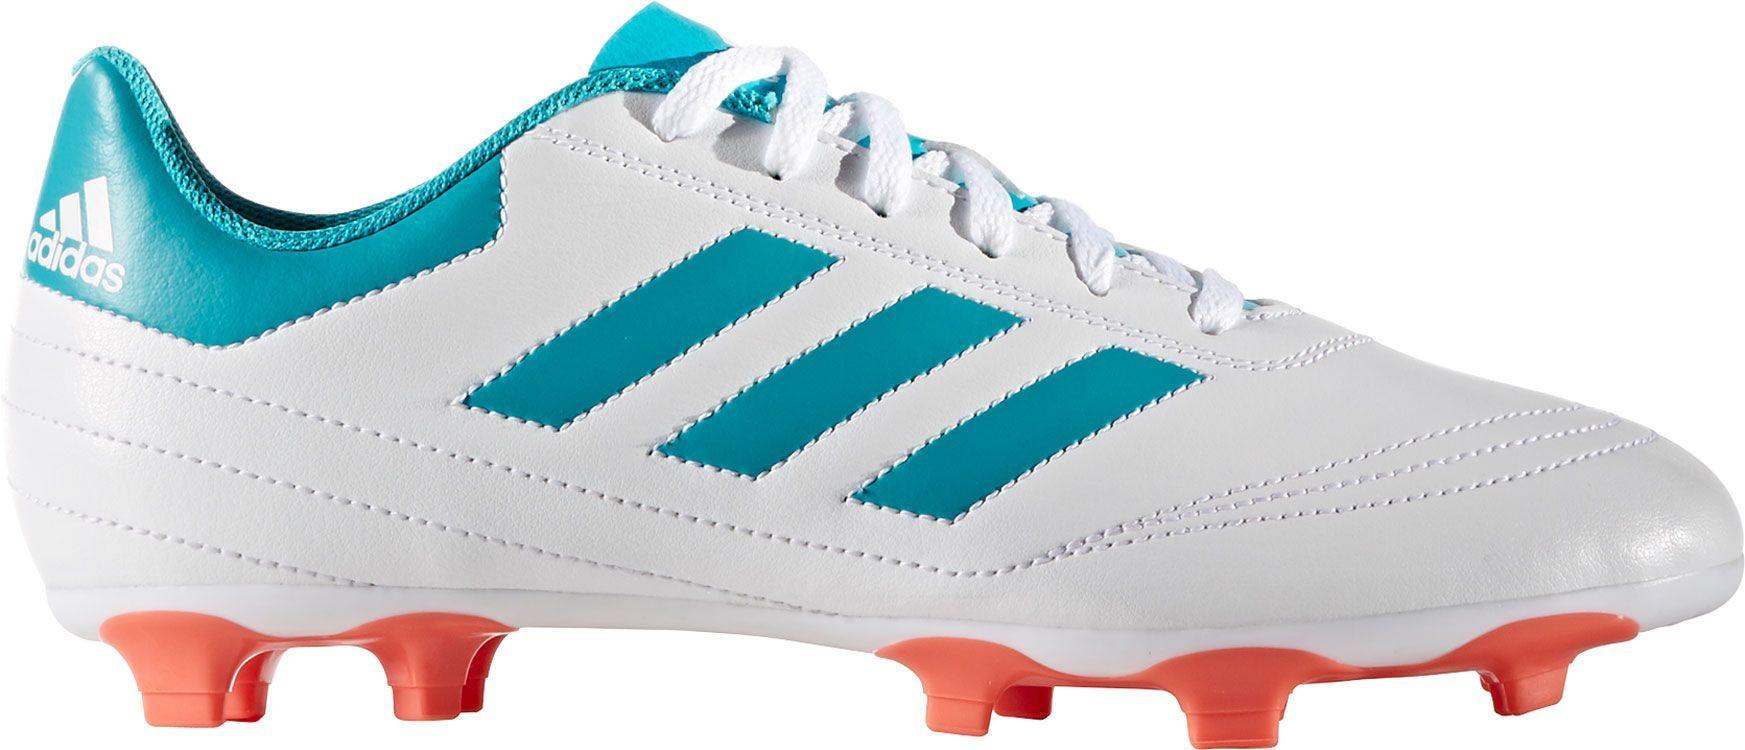 Soccer boot for women